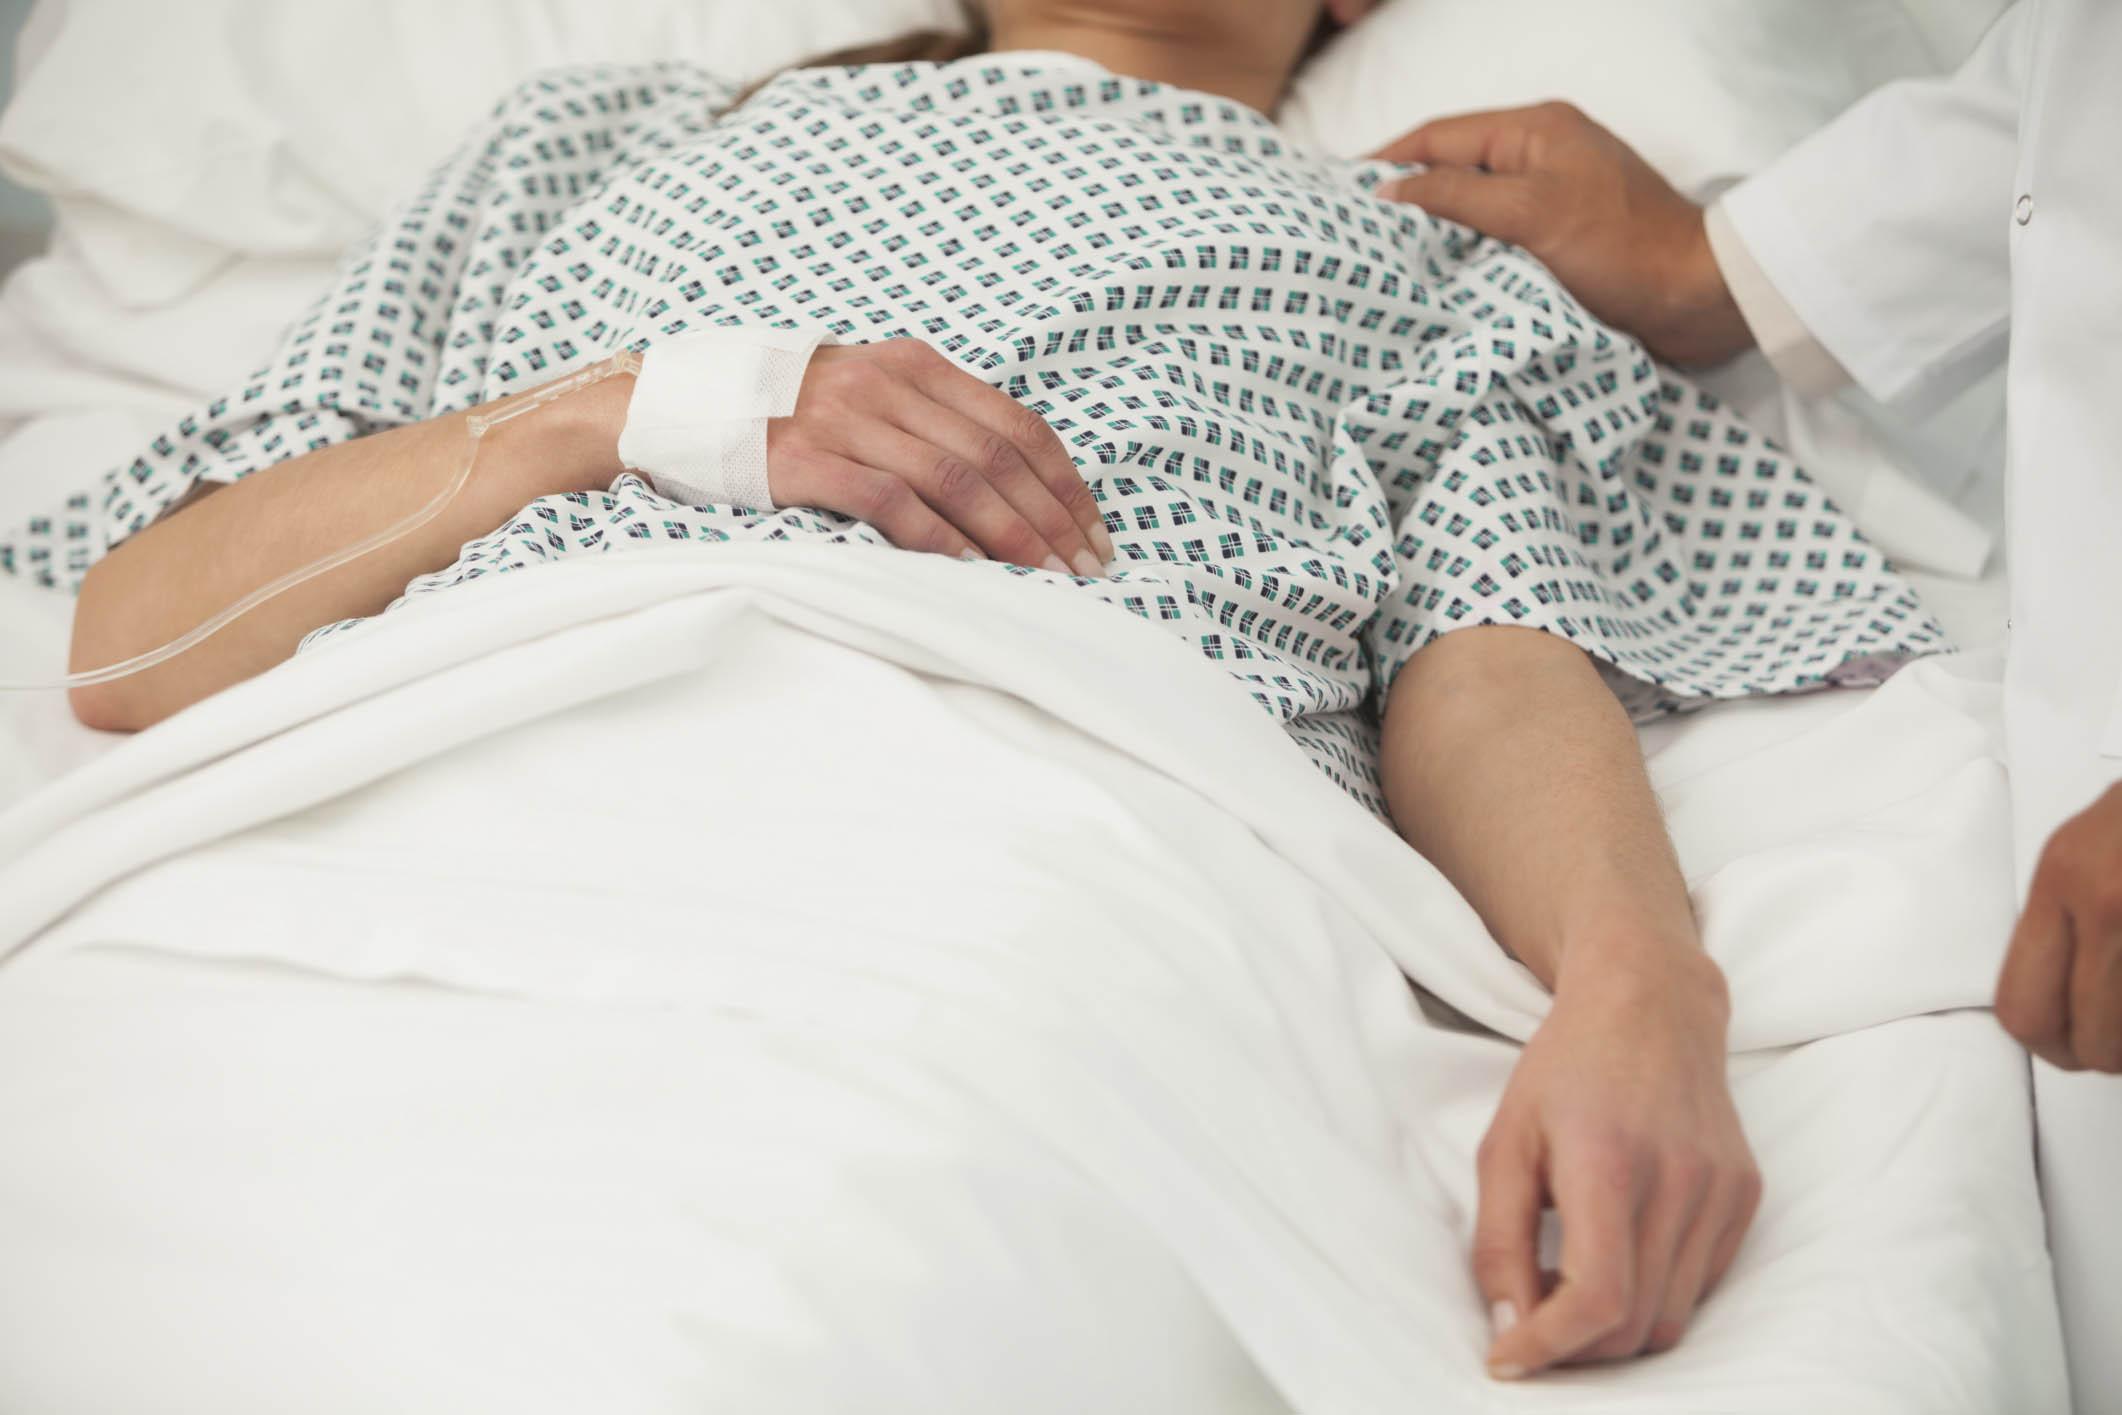 بالصور صور بنات في المشفى , بالصور فتيات داخل المستشفيات 9946 6